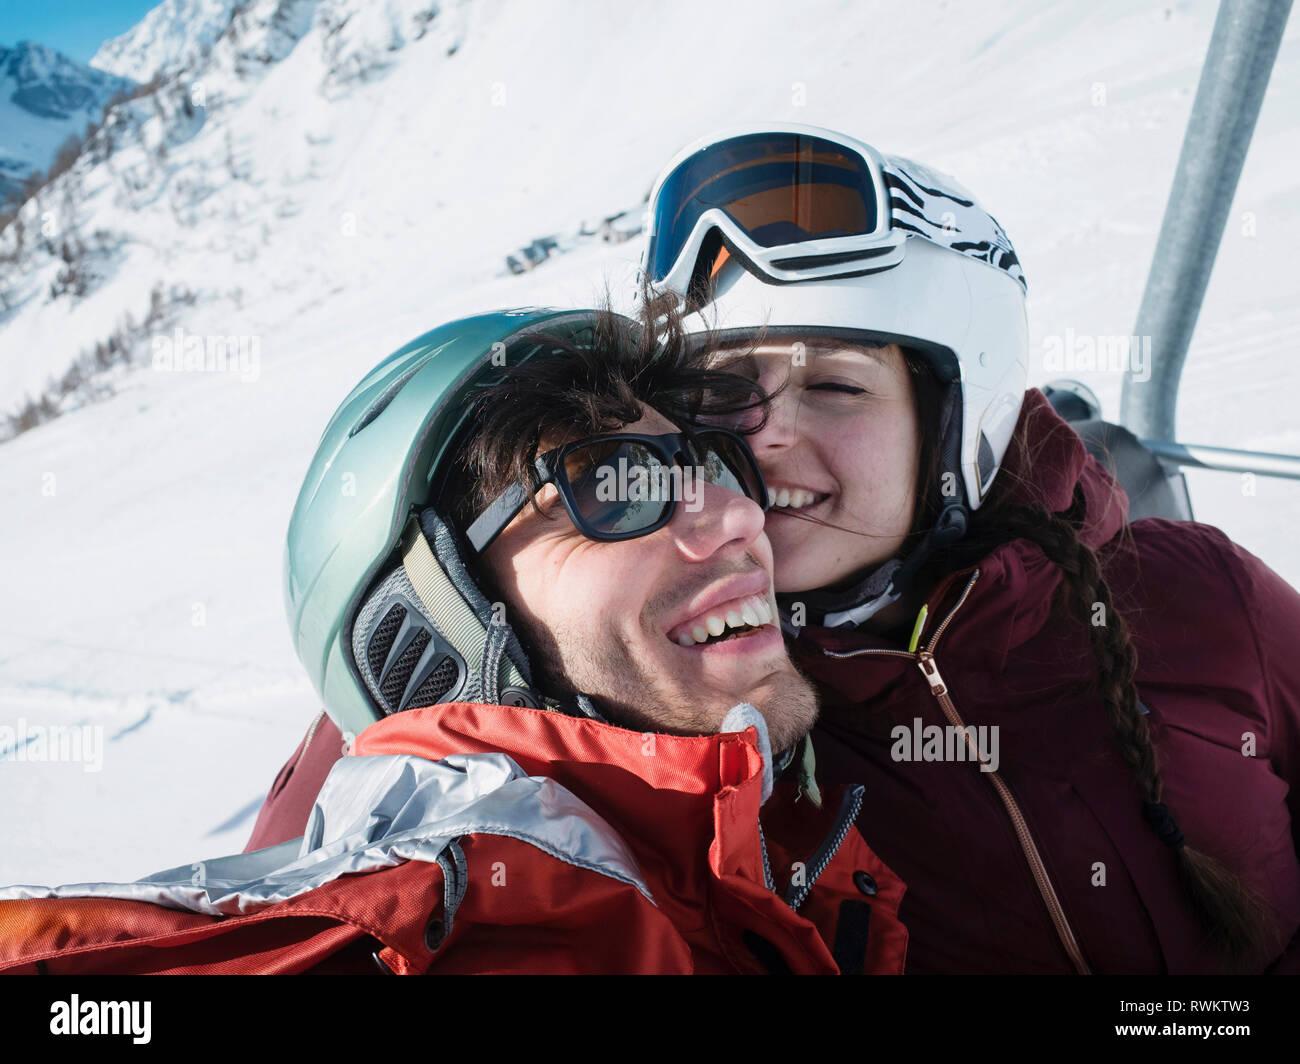 Sci giovane indossando il casco e occhiali da sci su ski lift, Alpe Ciamporino, Piemonte, Italia Immagini Stock